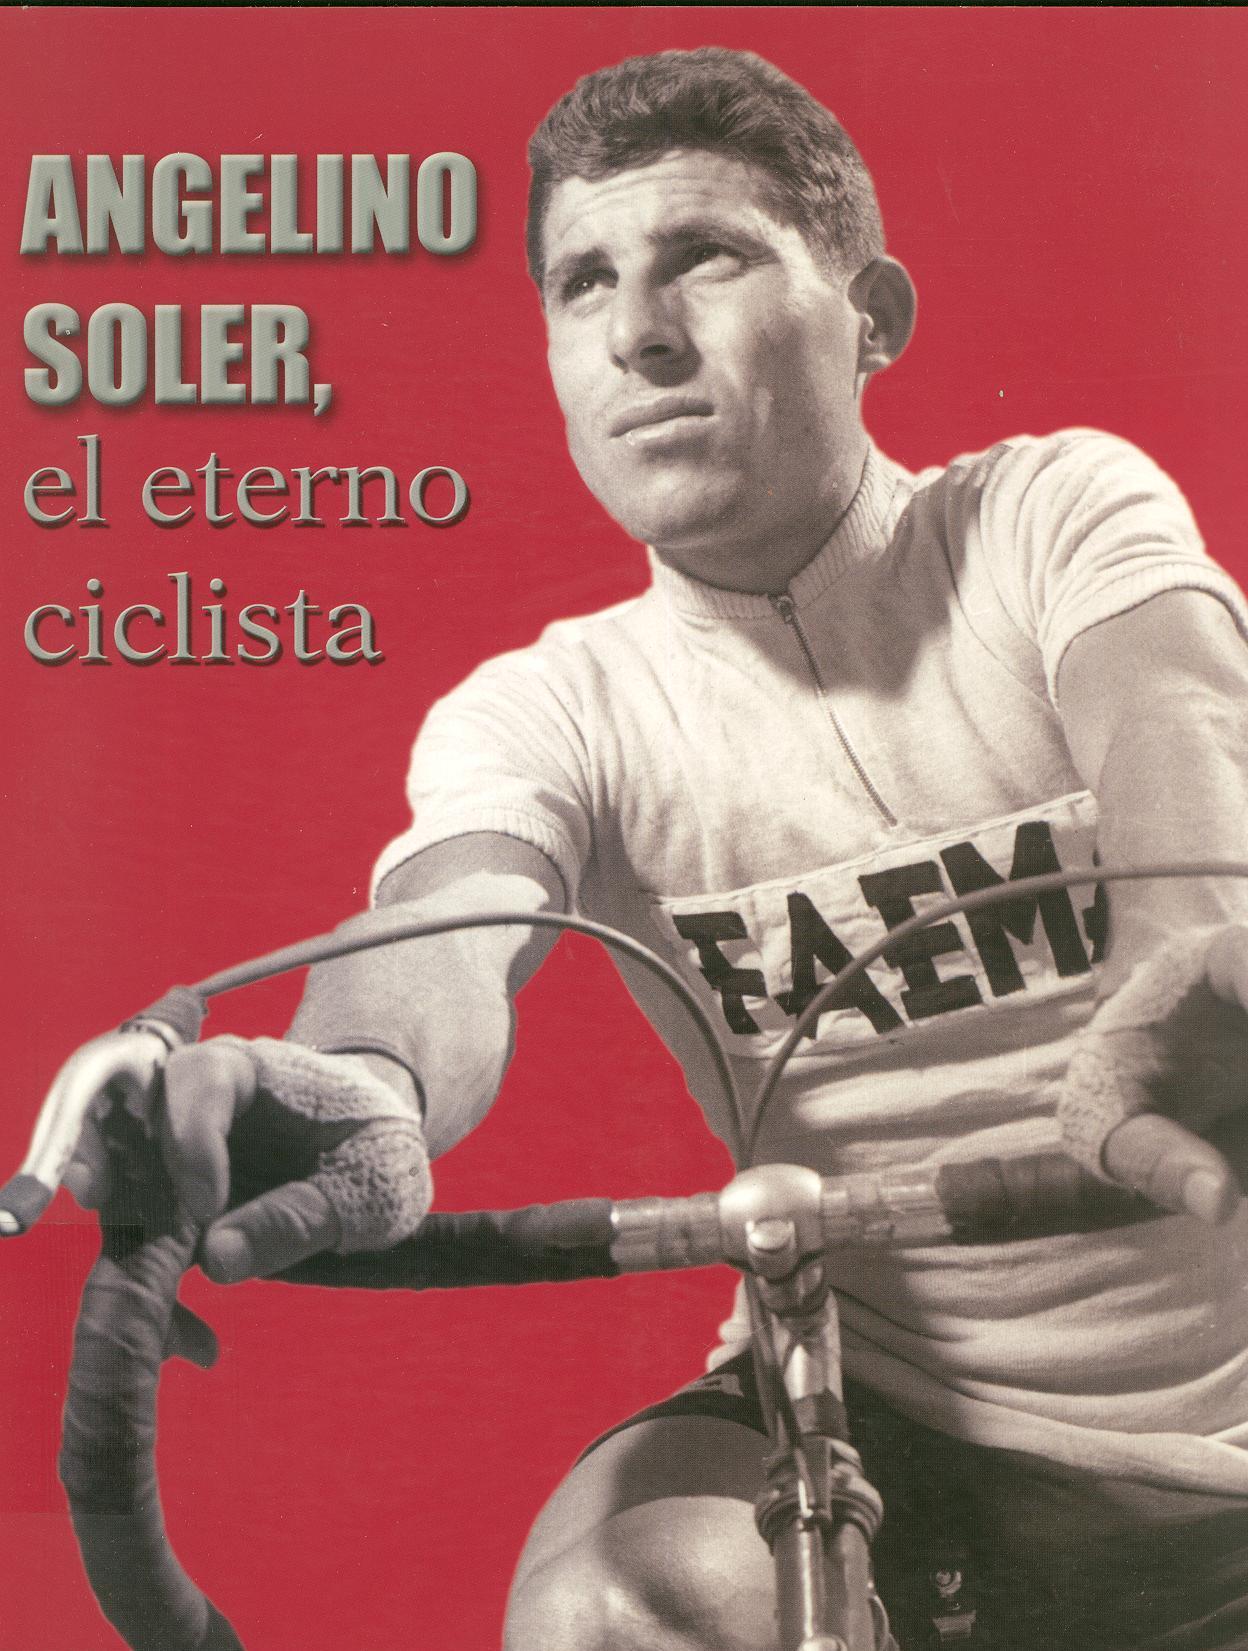 Angelino Soler, el ciclista más joven en ganar la Vuelta